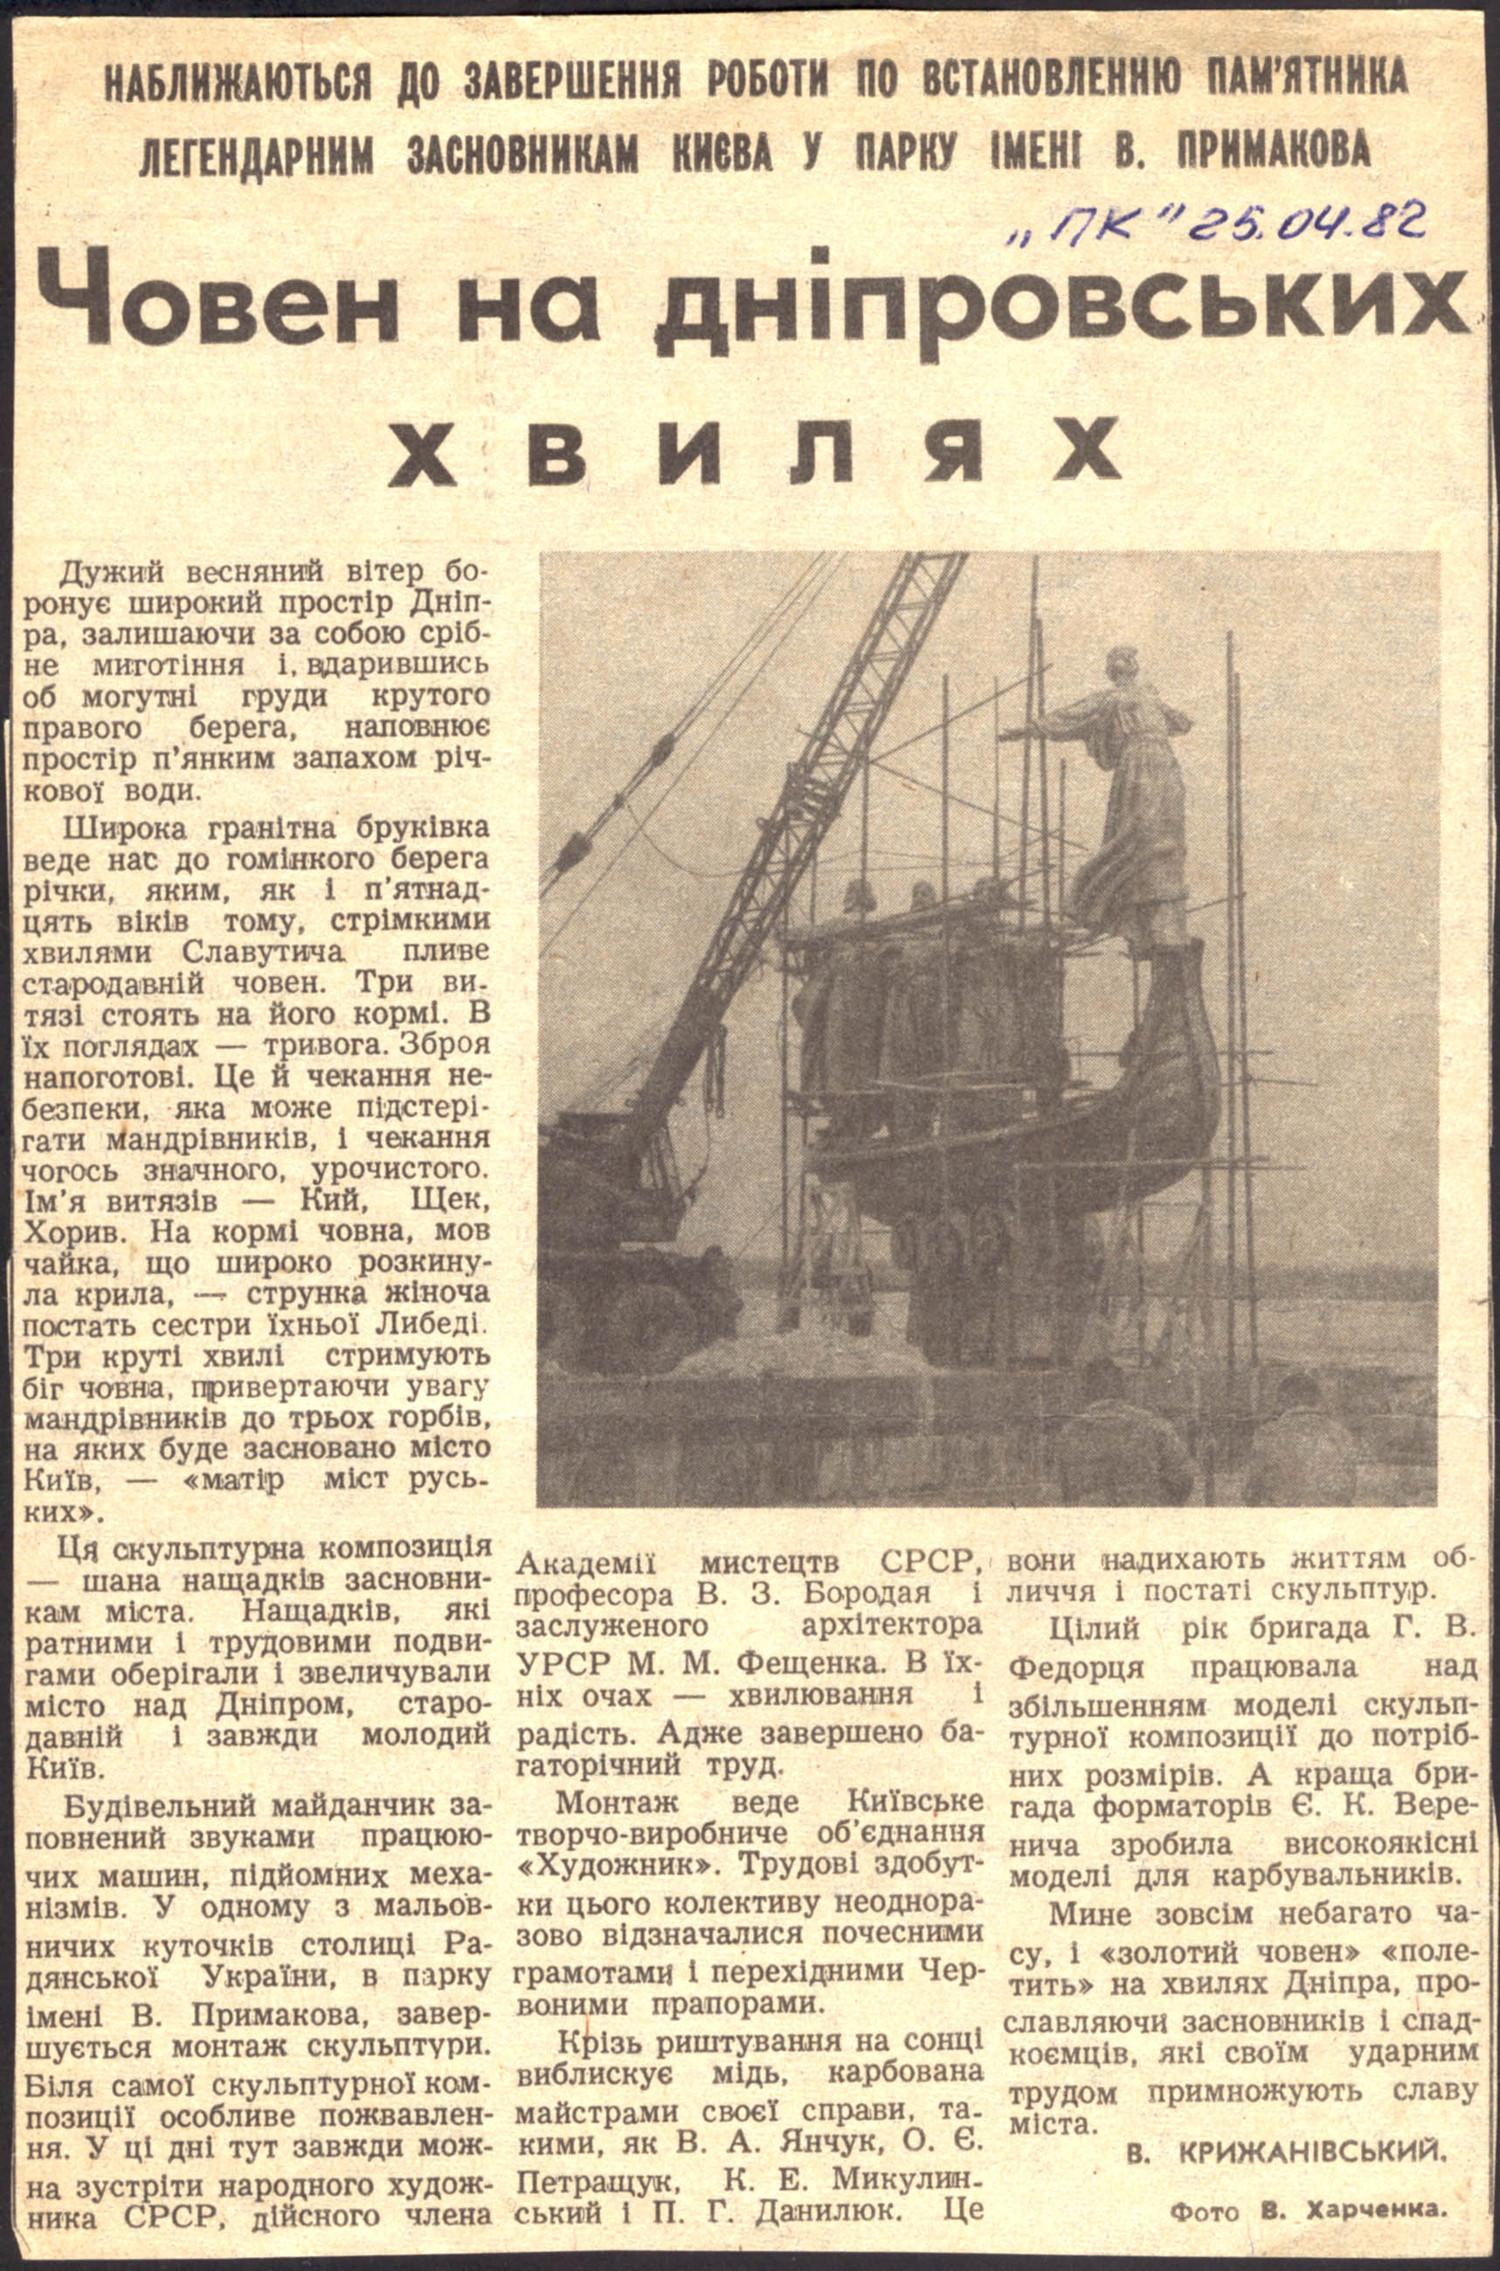 Репортаж об открытии памятника основателям Киева в газете Знамя Коммунизма в 1982 году